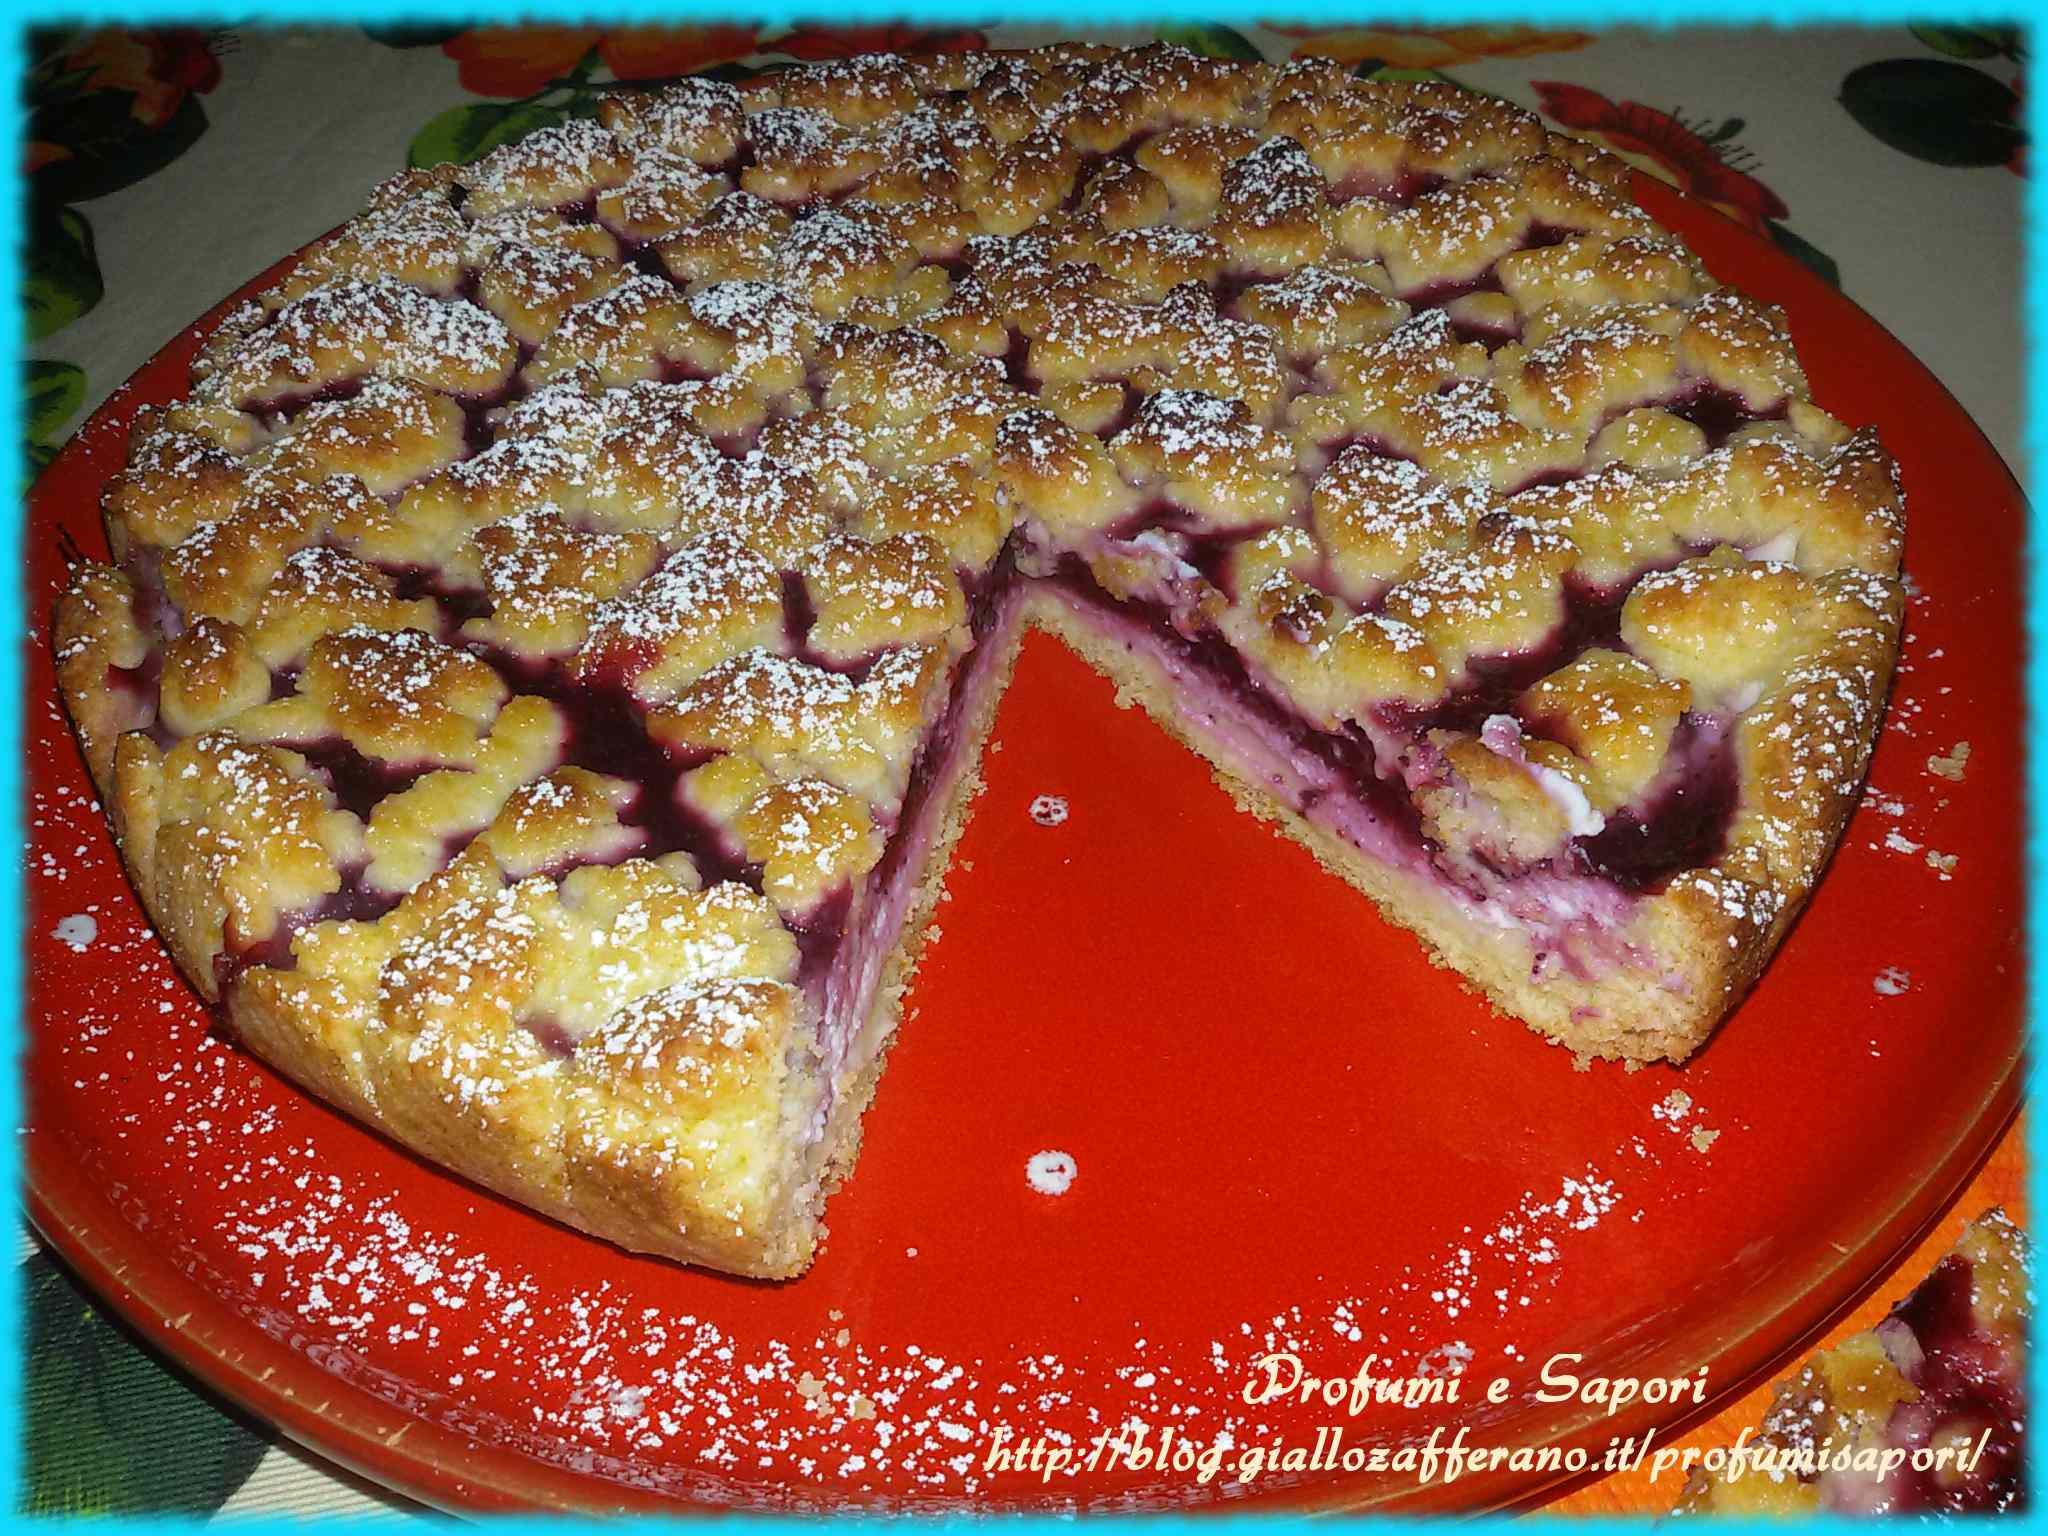 Ricetta: Torta sbriciolata alla ricotta e marmellata